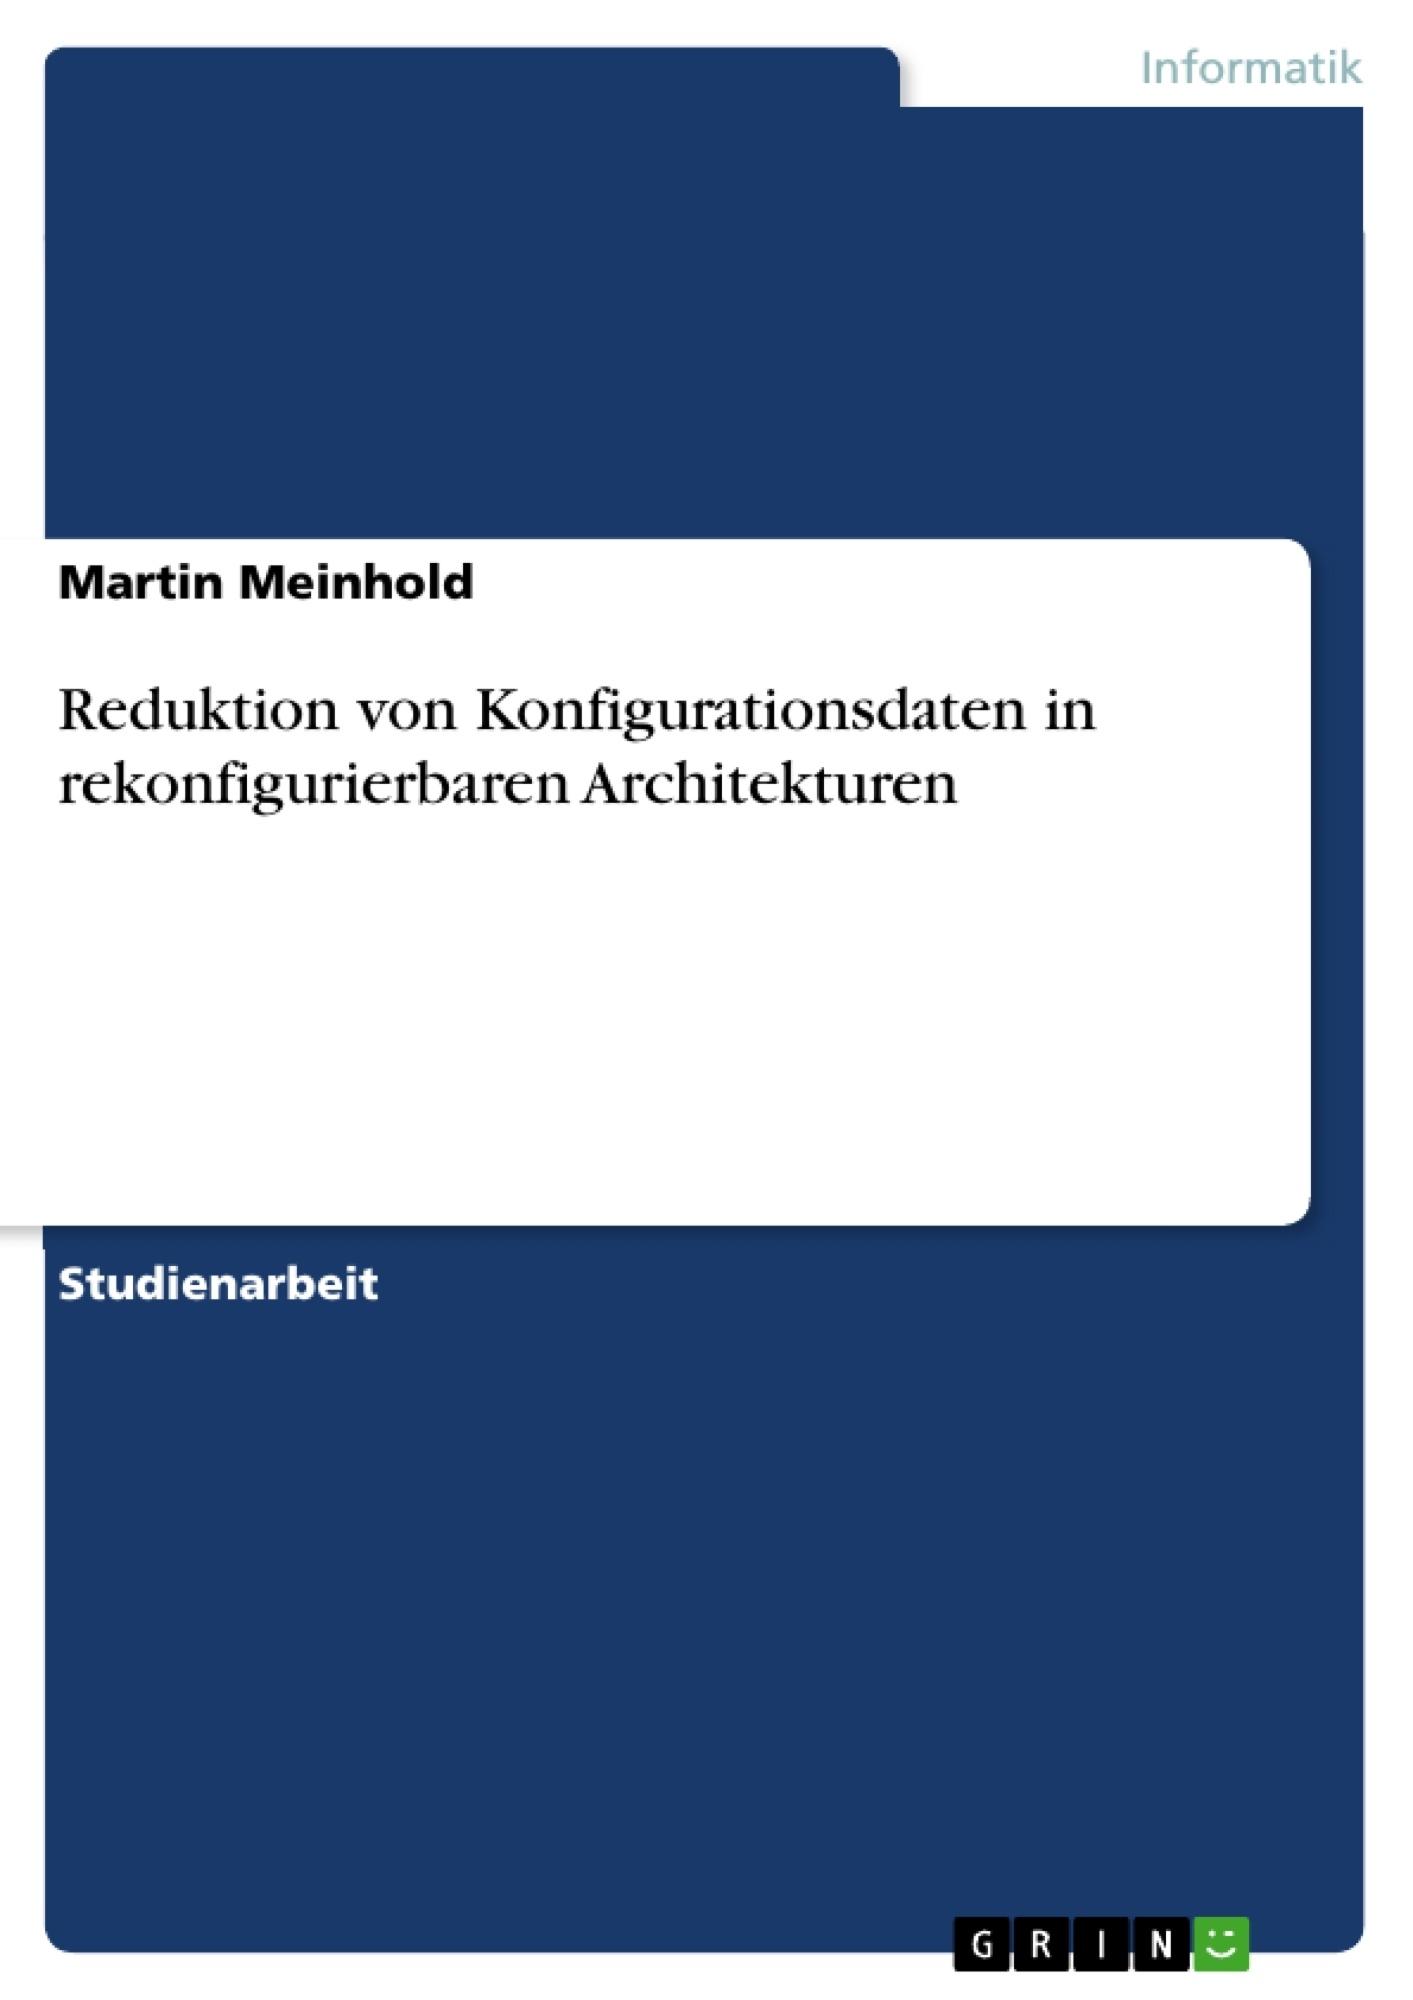 Großartig Reduzieren Von Blockdiagrammen Zeitgenössisch - Die Besten ...